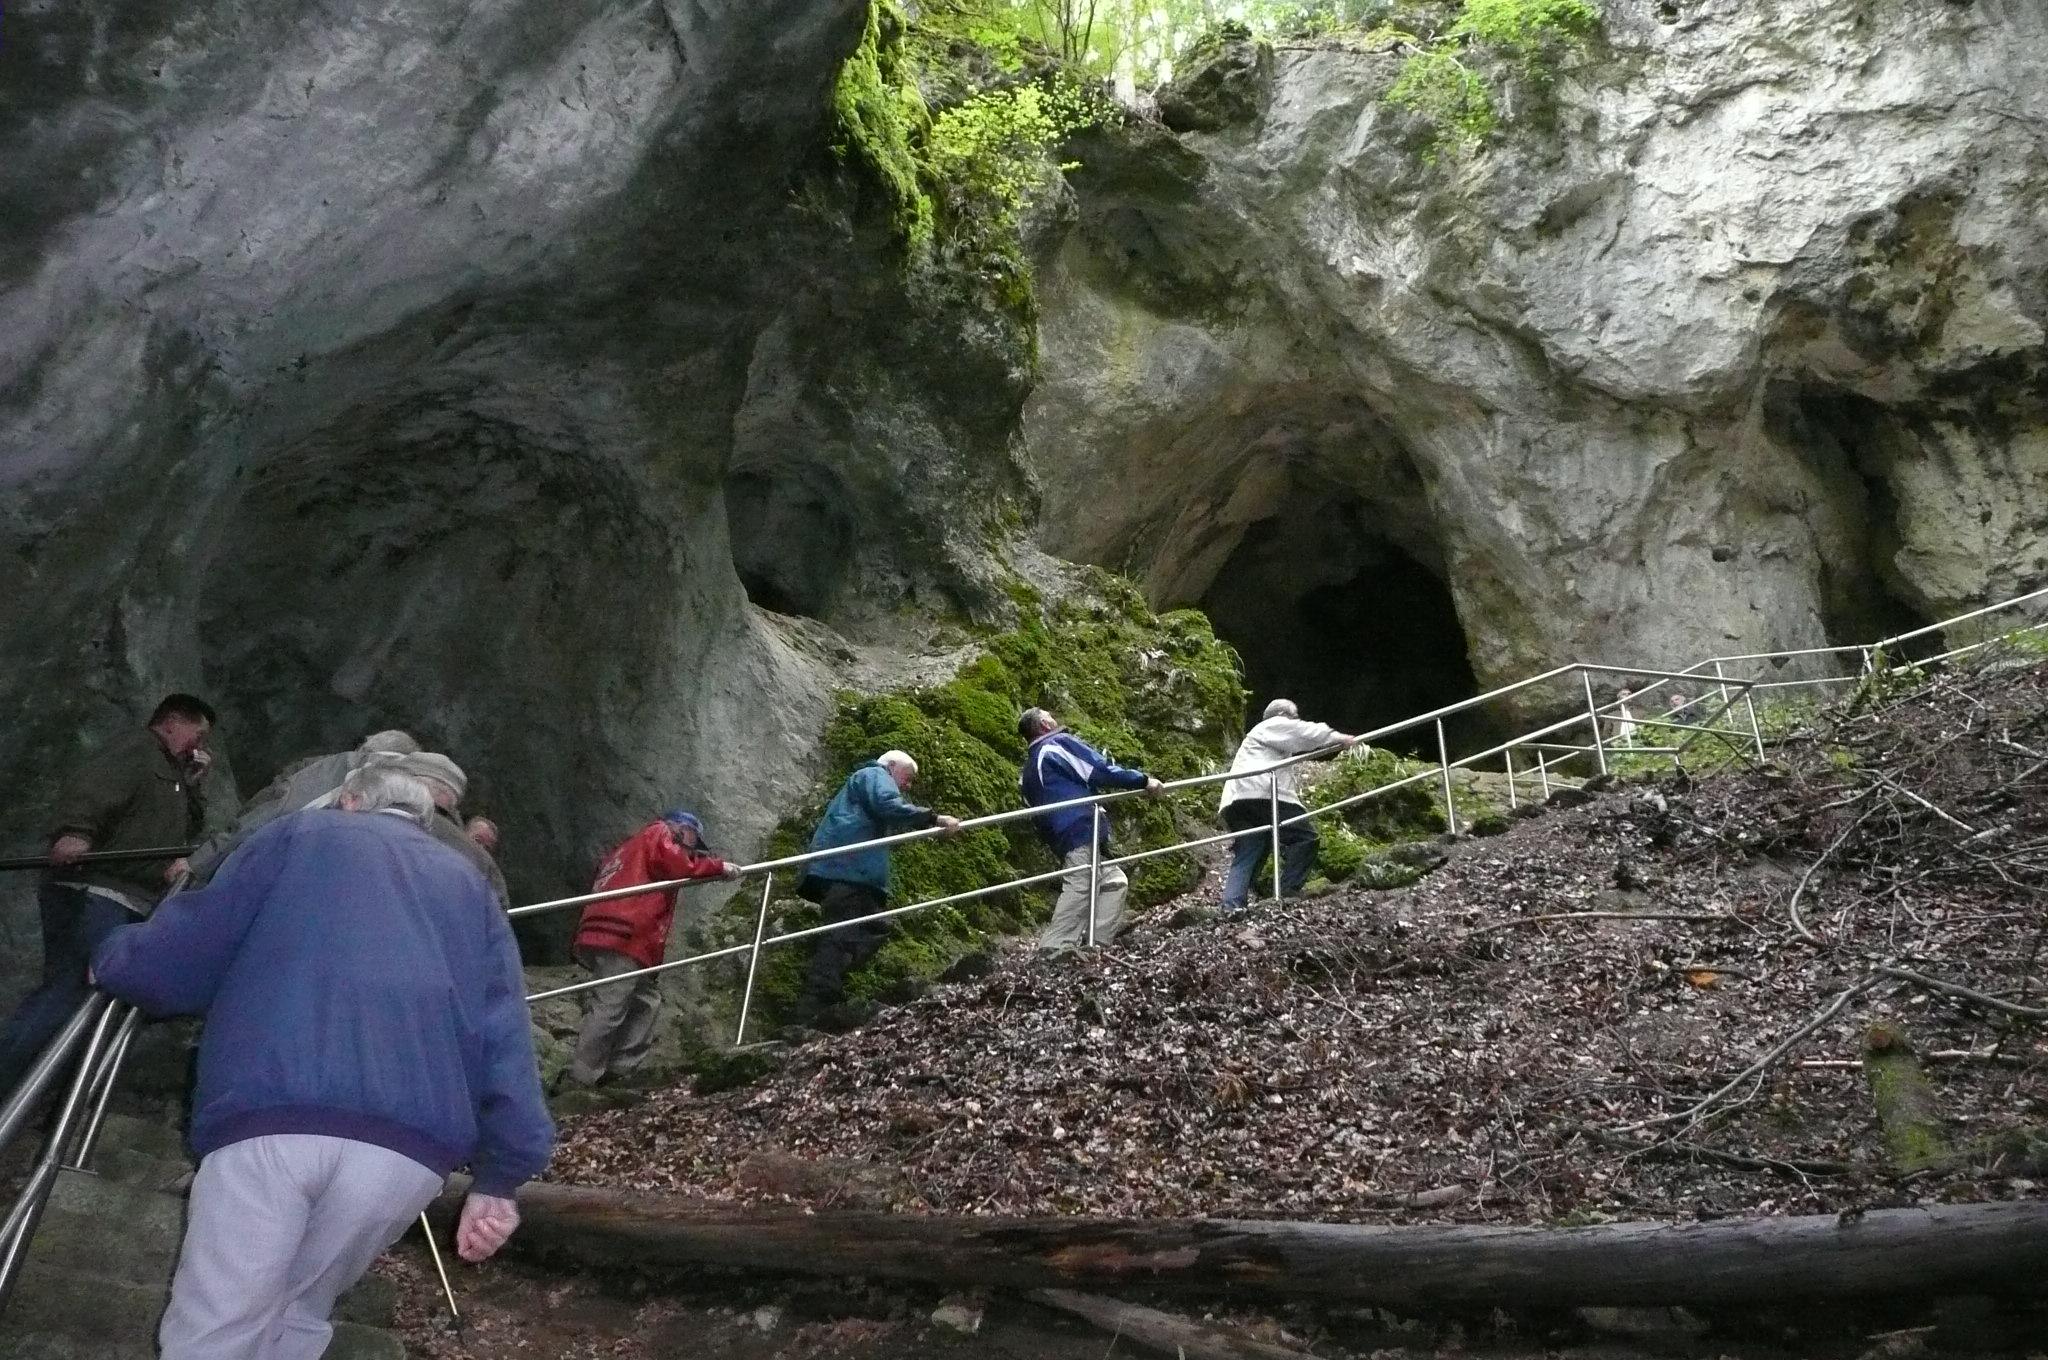 Wanderer steigen die Treppe in der eingestürzten Höhlenruine empor